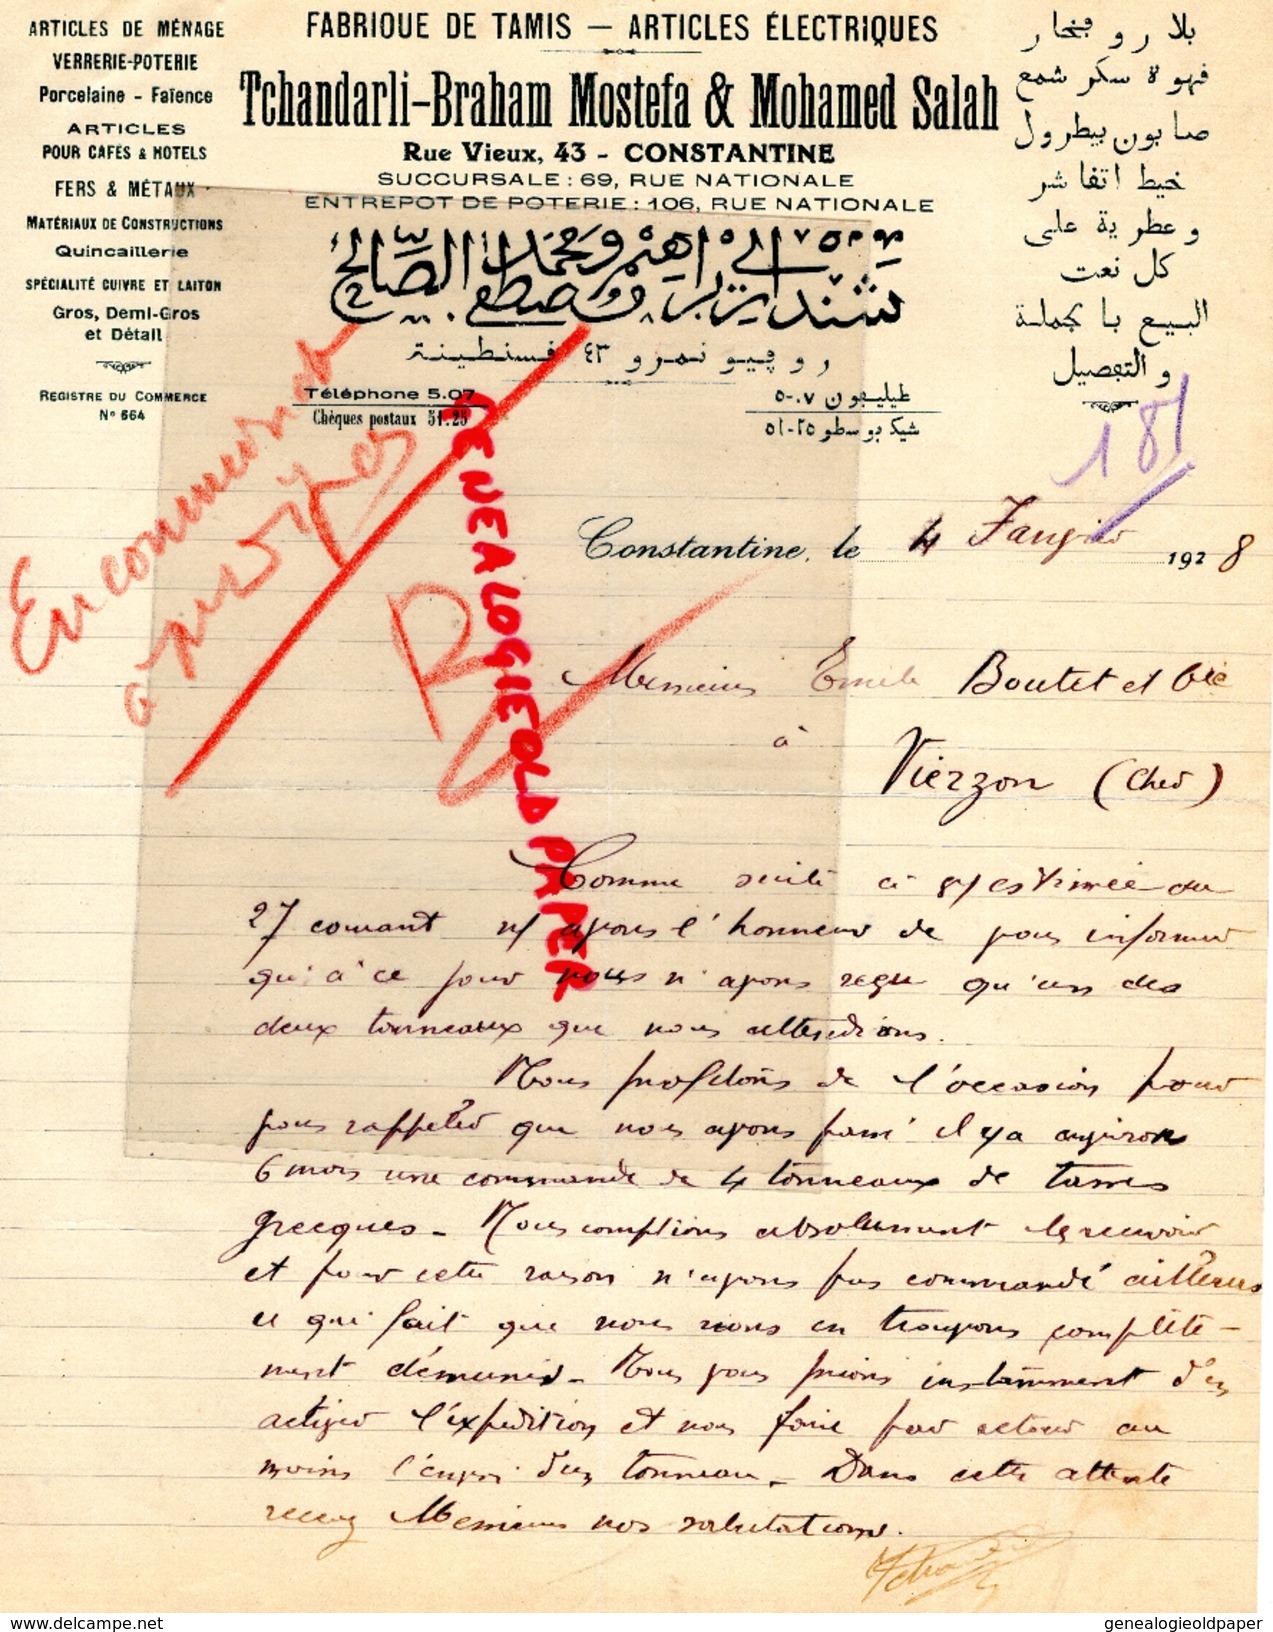 ALGERIE - CONSTANTINE- FACTURE TCHANDARLI BRAHAM MOSTEFA & MOHAMED SALAH- FABRIQUE TAMIS -VERRERIE -PORCELAINE-1928 - Factures & Documents Commerciaux